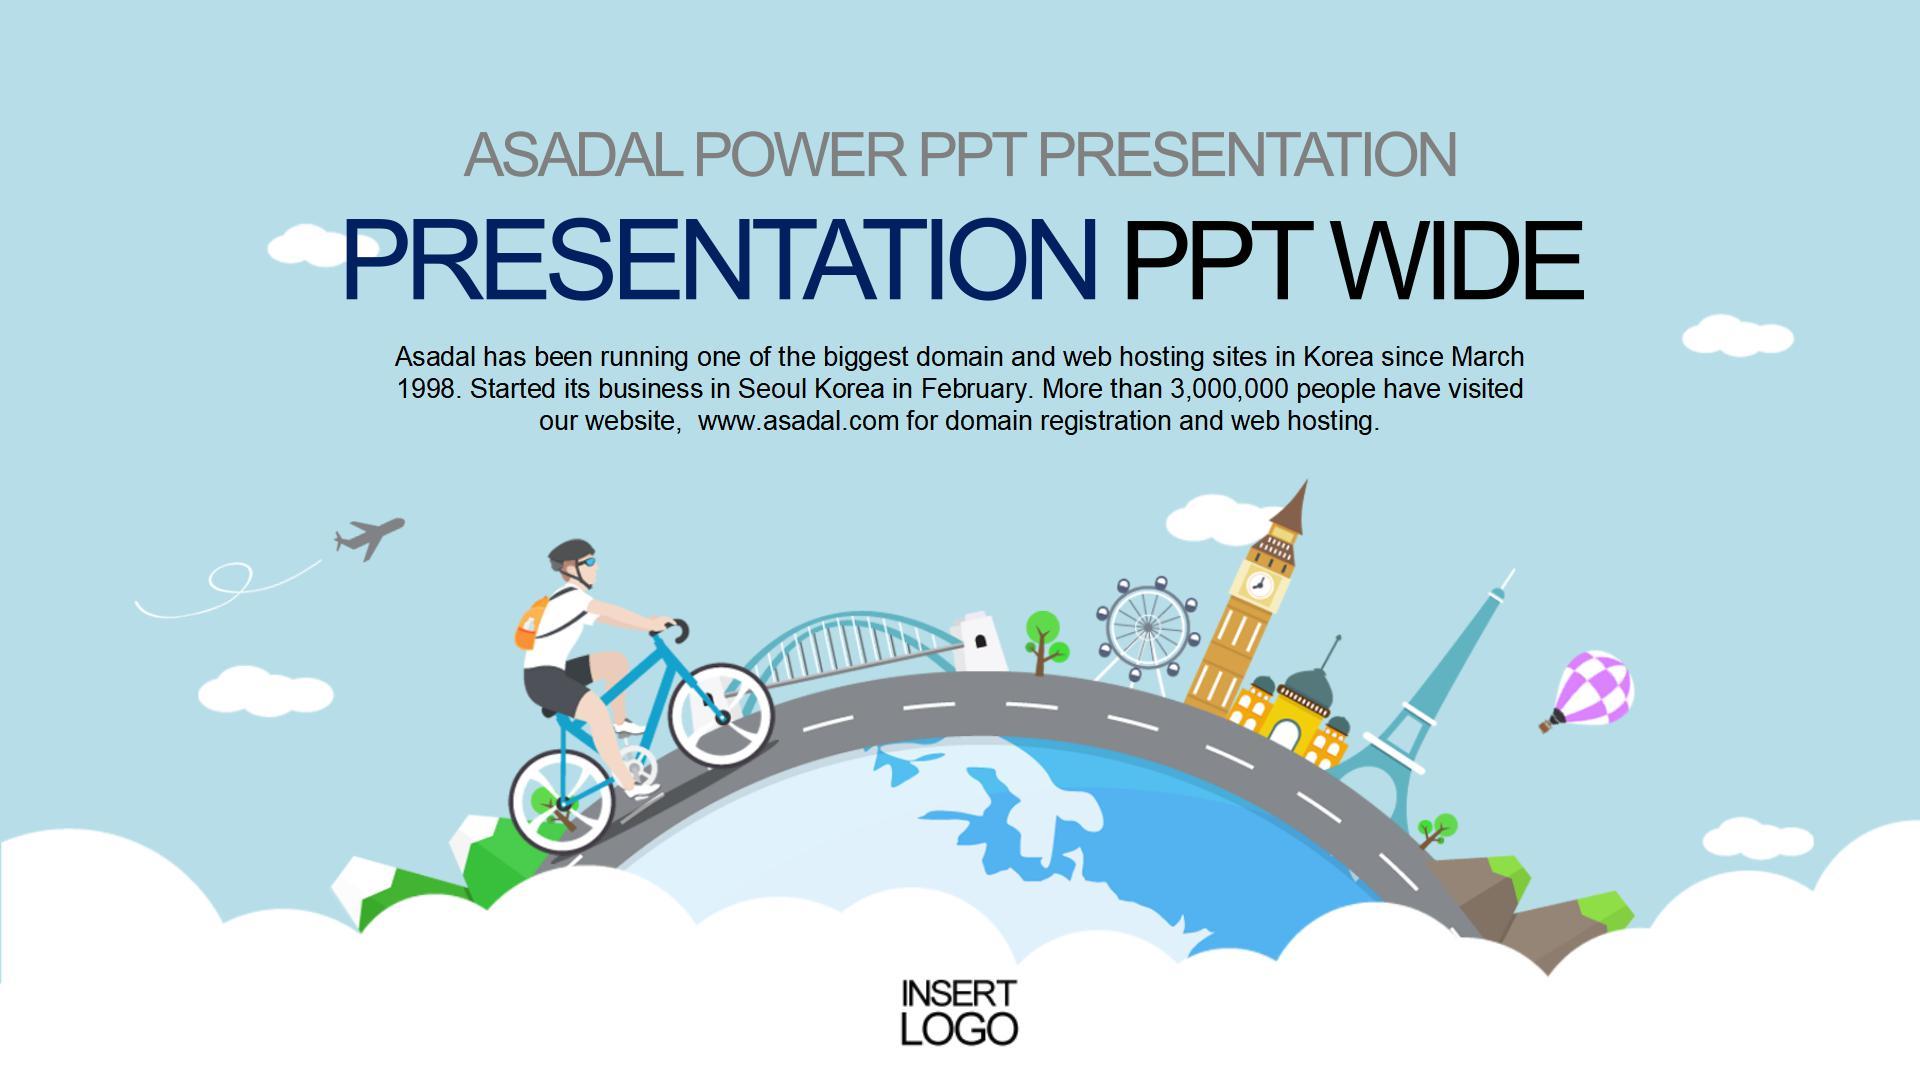 商务图表模板PPT.pptx